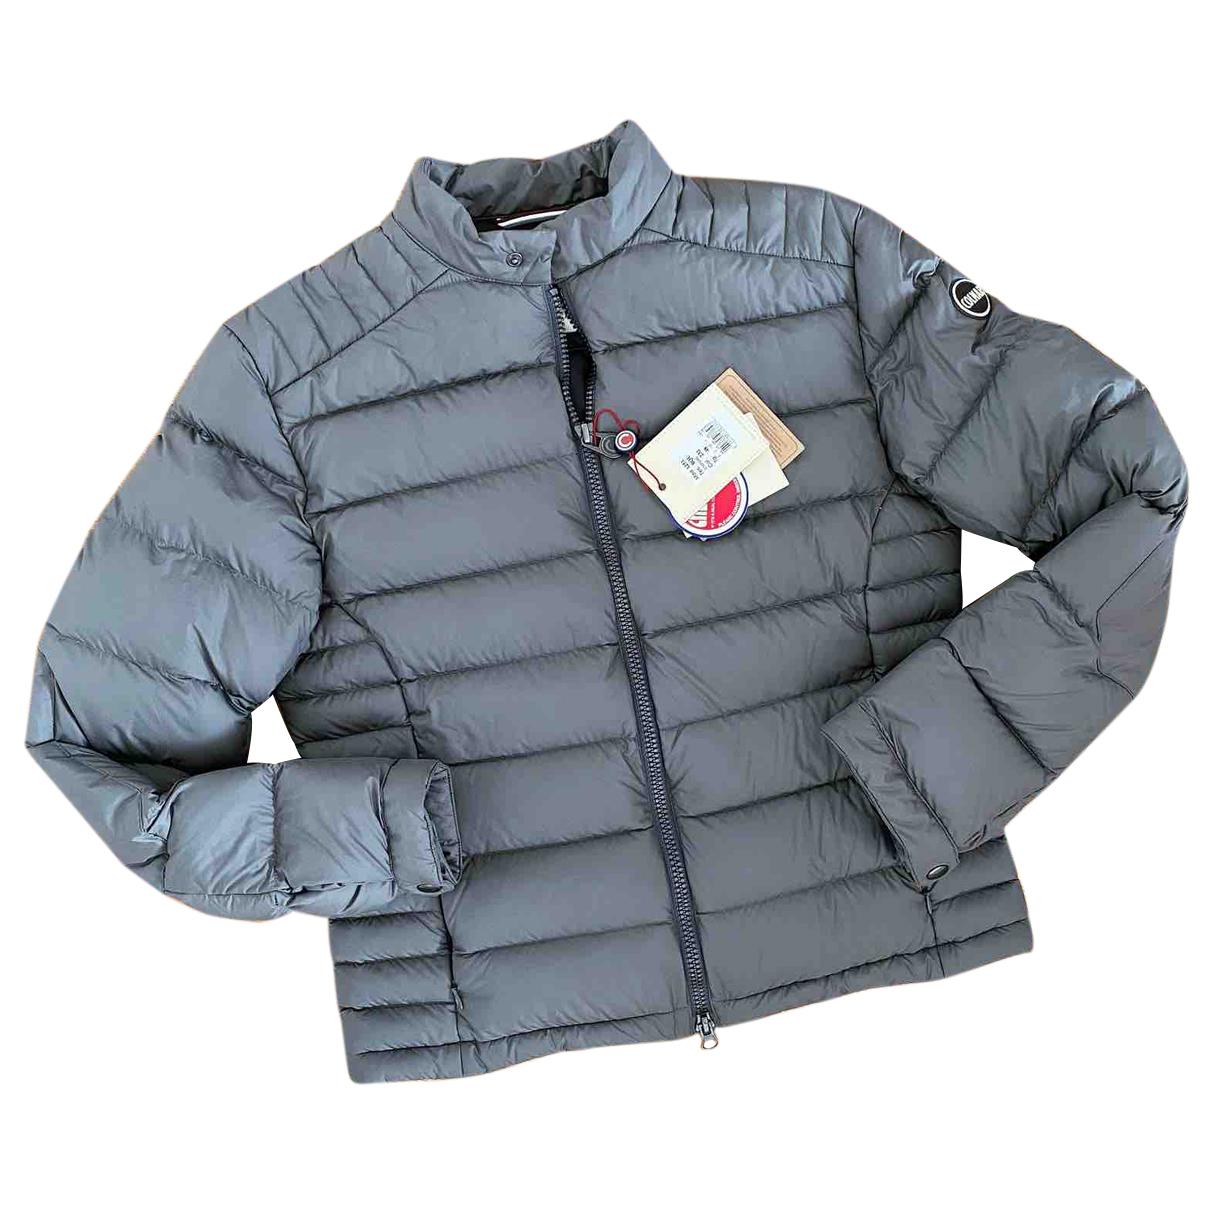 Colmar - Manteau   pour homme - gris